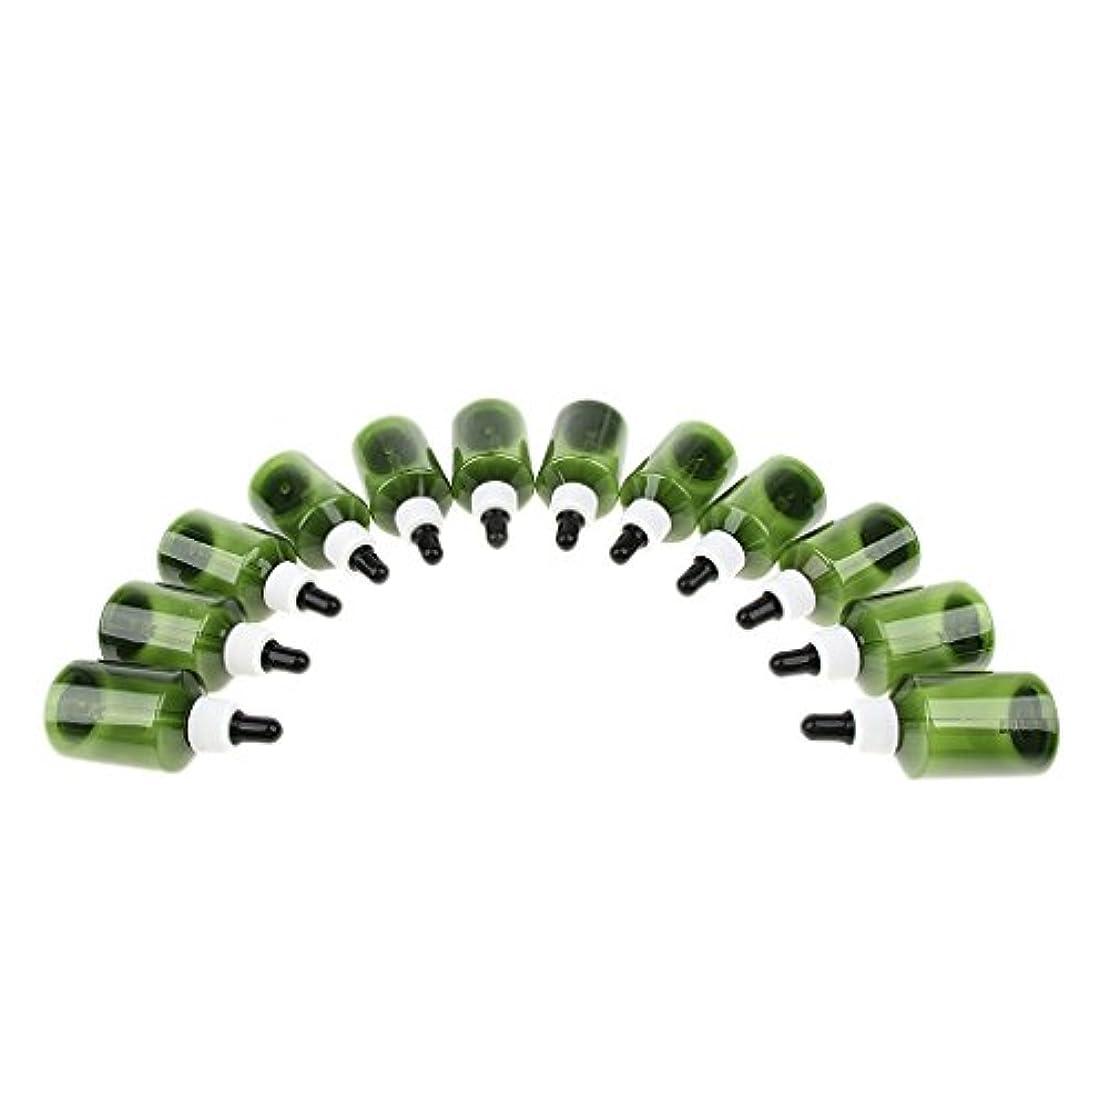 作るボウリング必需品エッセンシャルオイル ボトル ガラス ドロッパーボトル 50ml 精油ボトル 6仕様選べ - ホワイトキャップブラックドロッパー